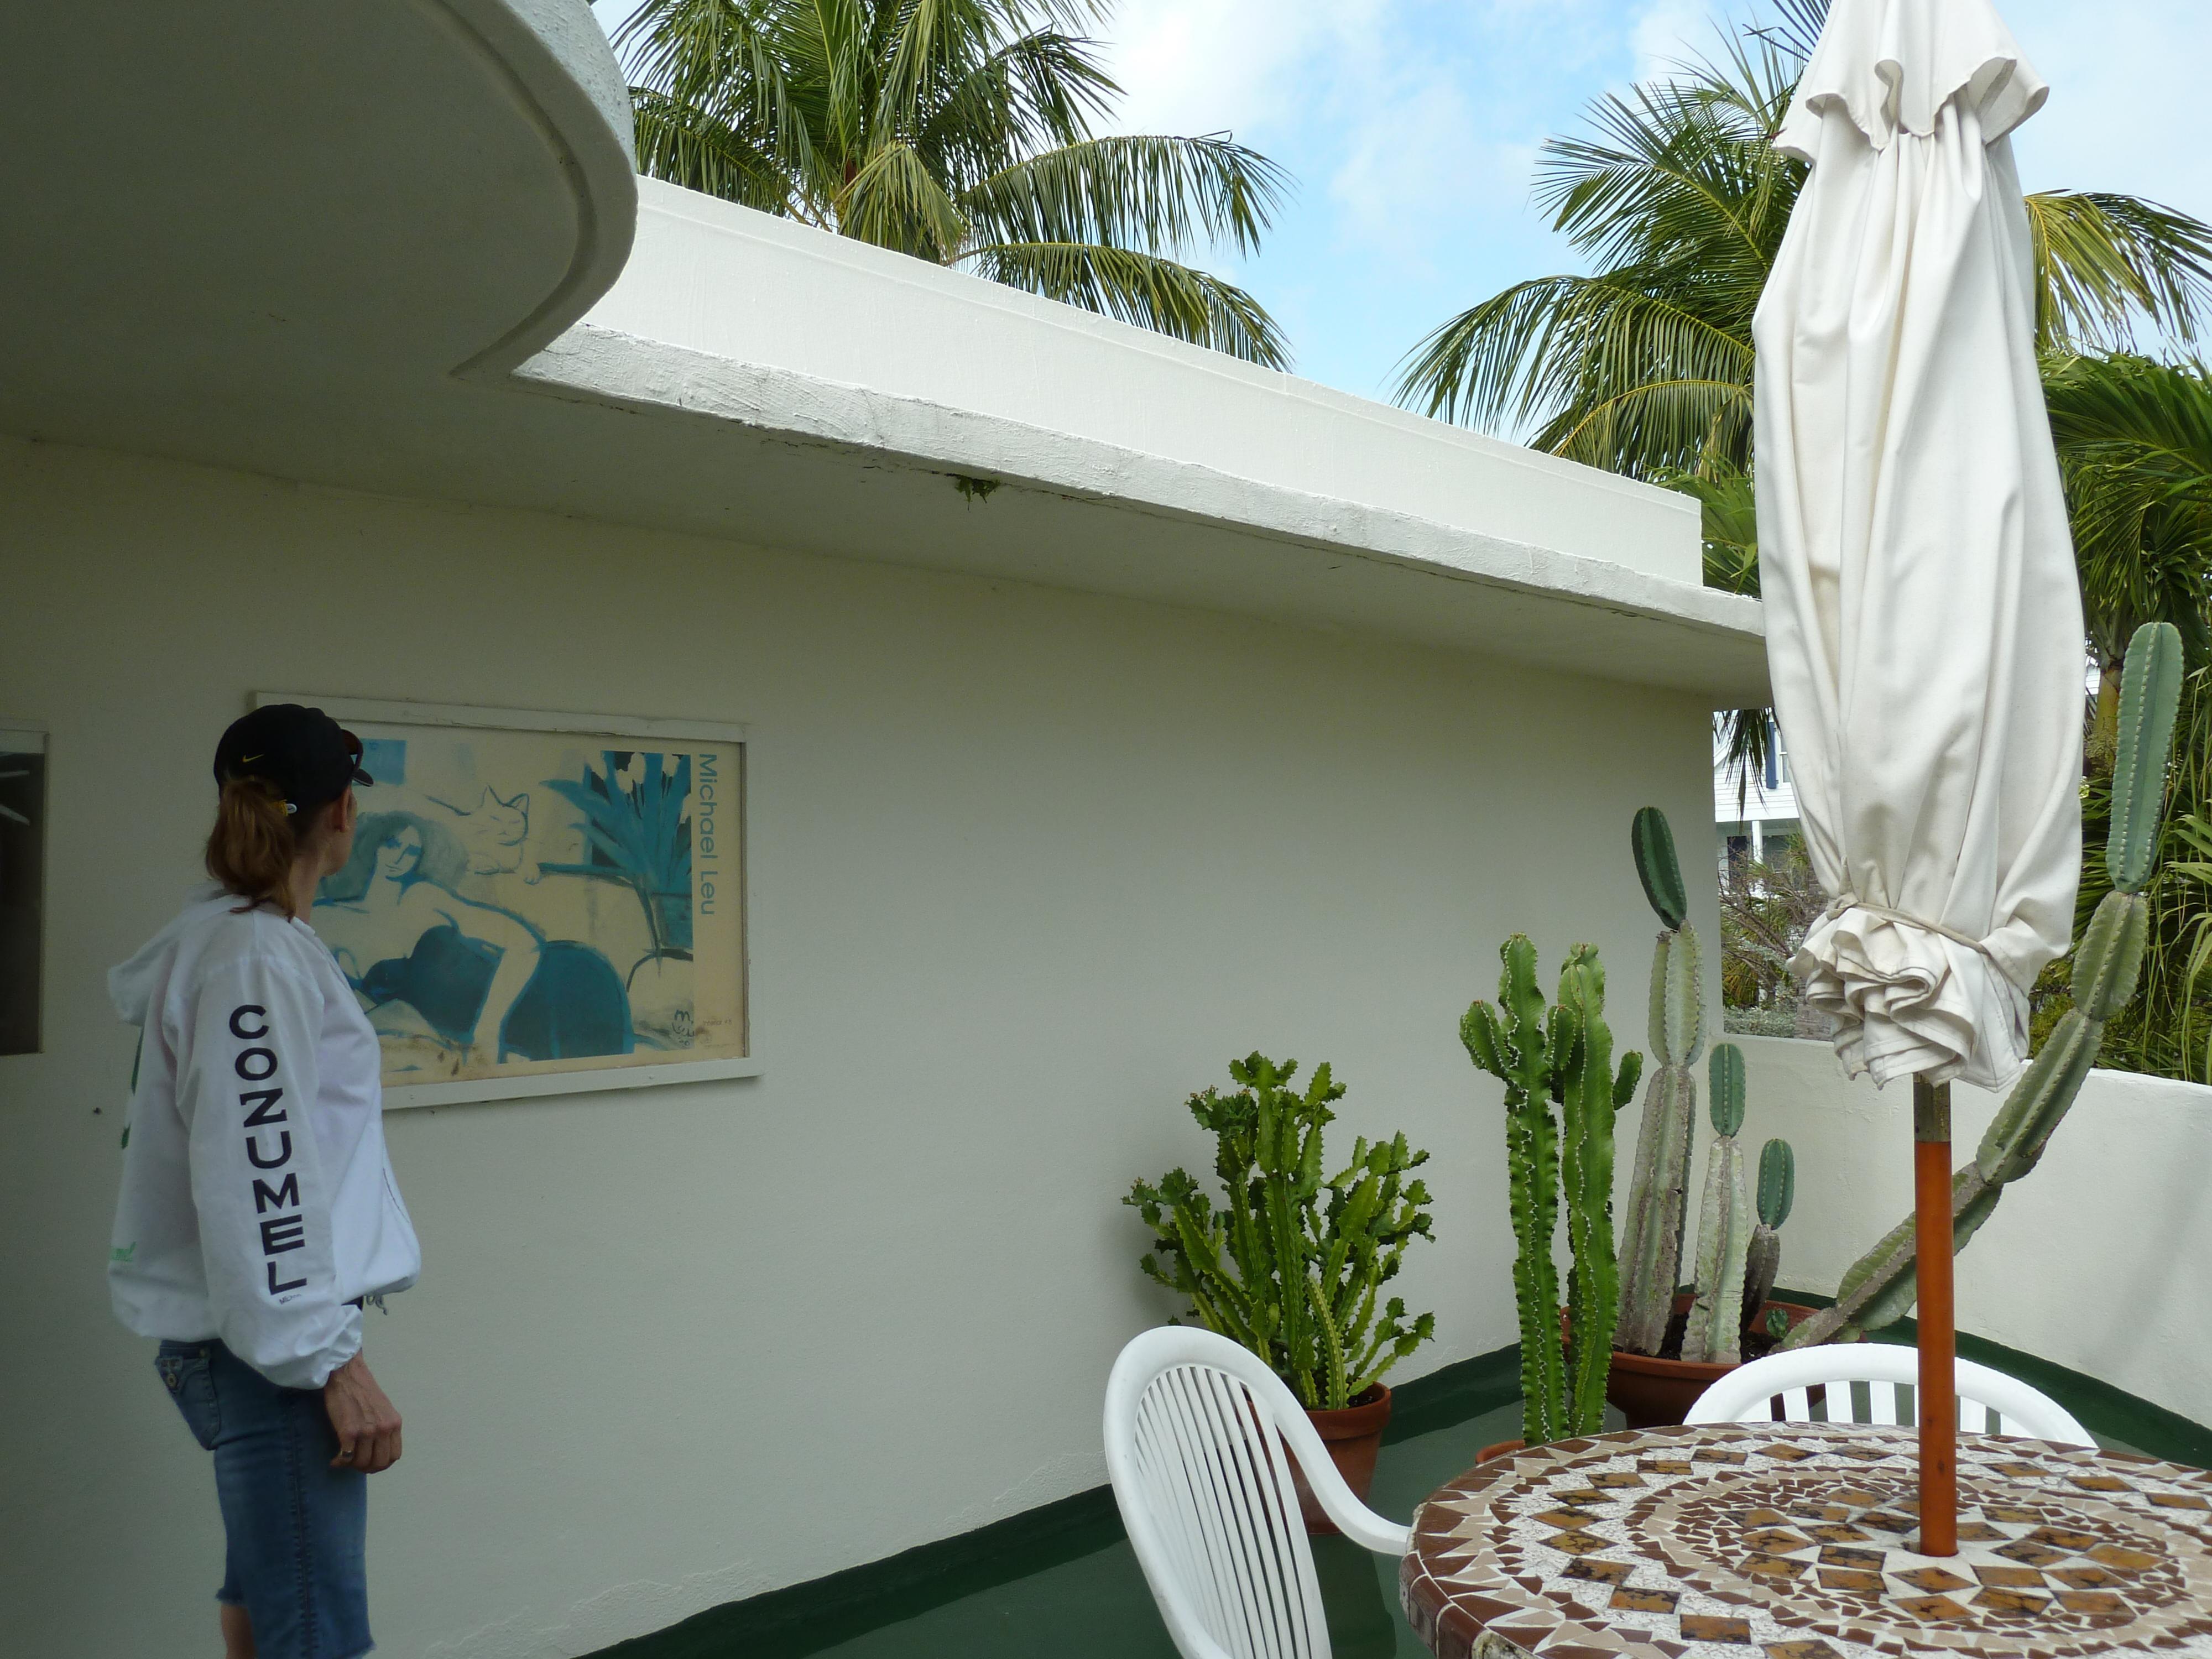 50 Inspirational El Patio Motel In Key West Pics Outdoor Patio Blog